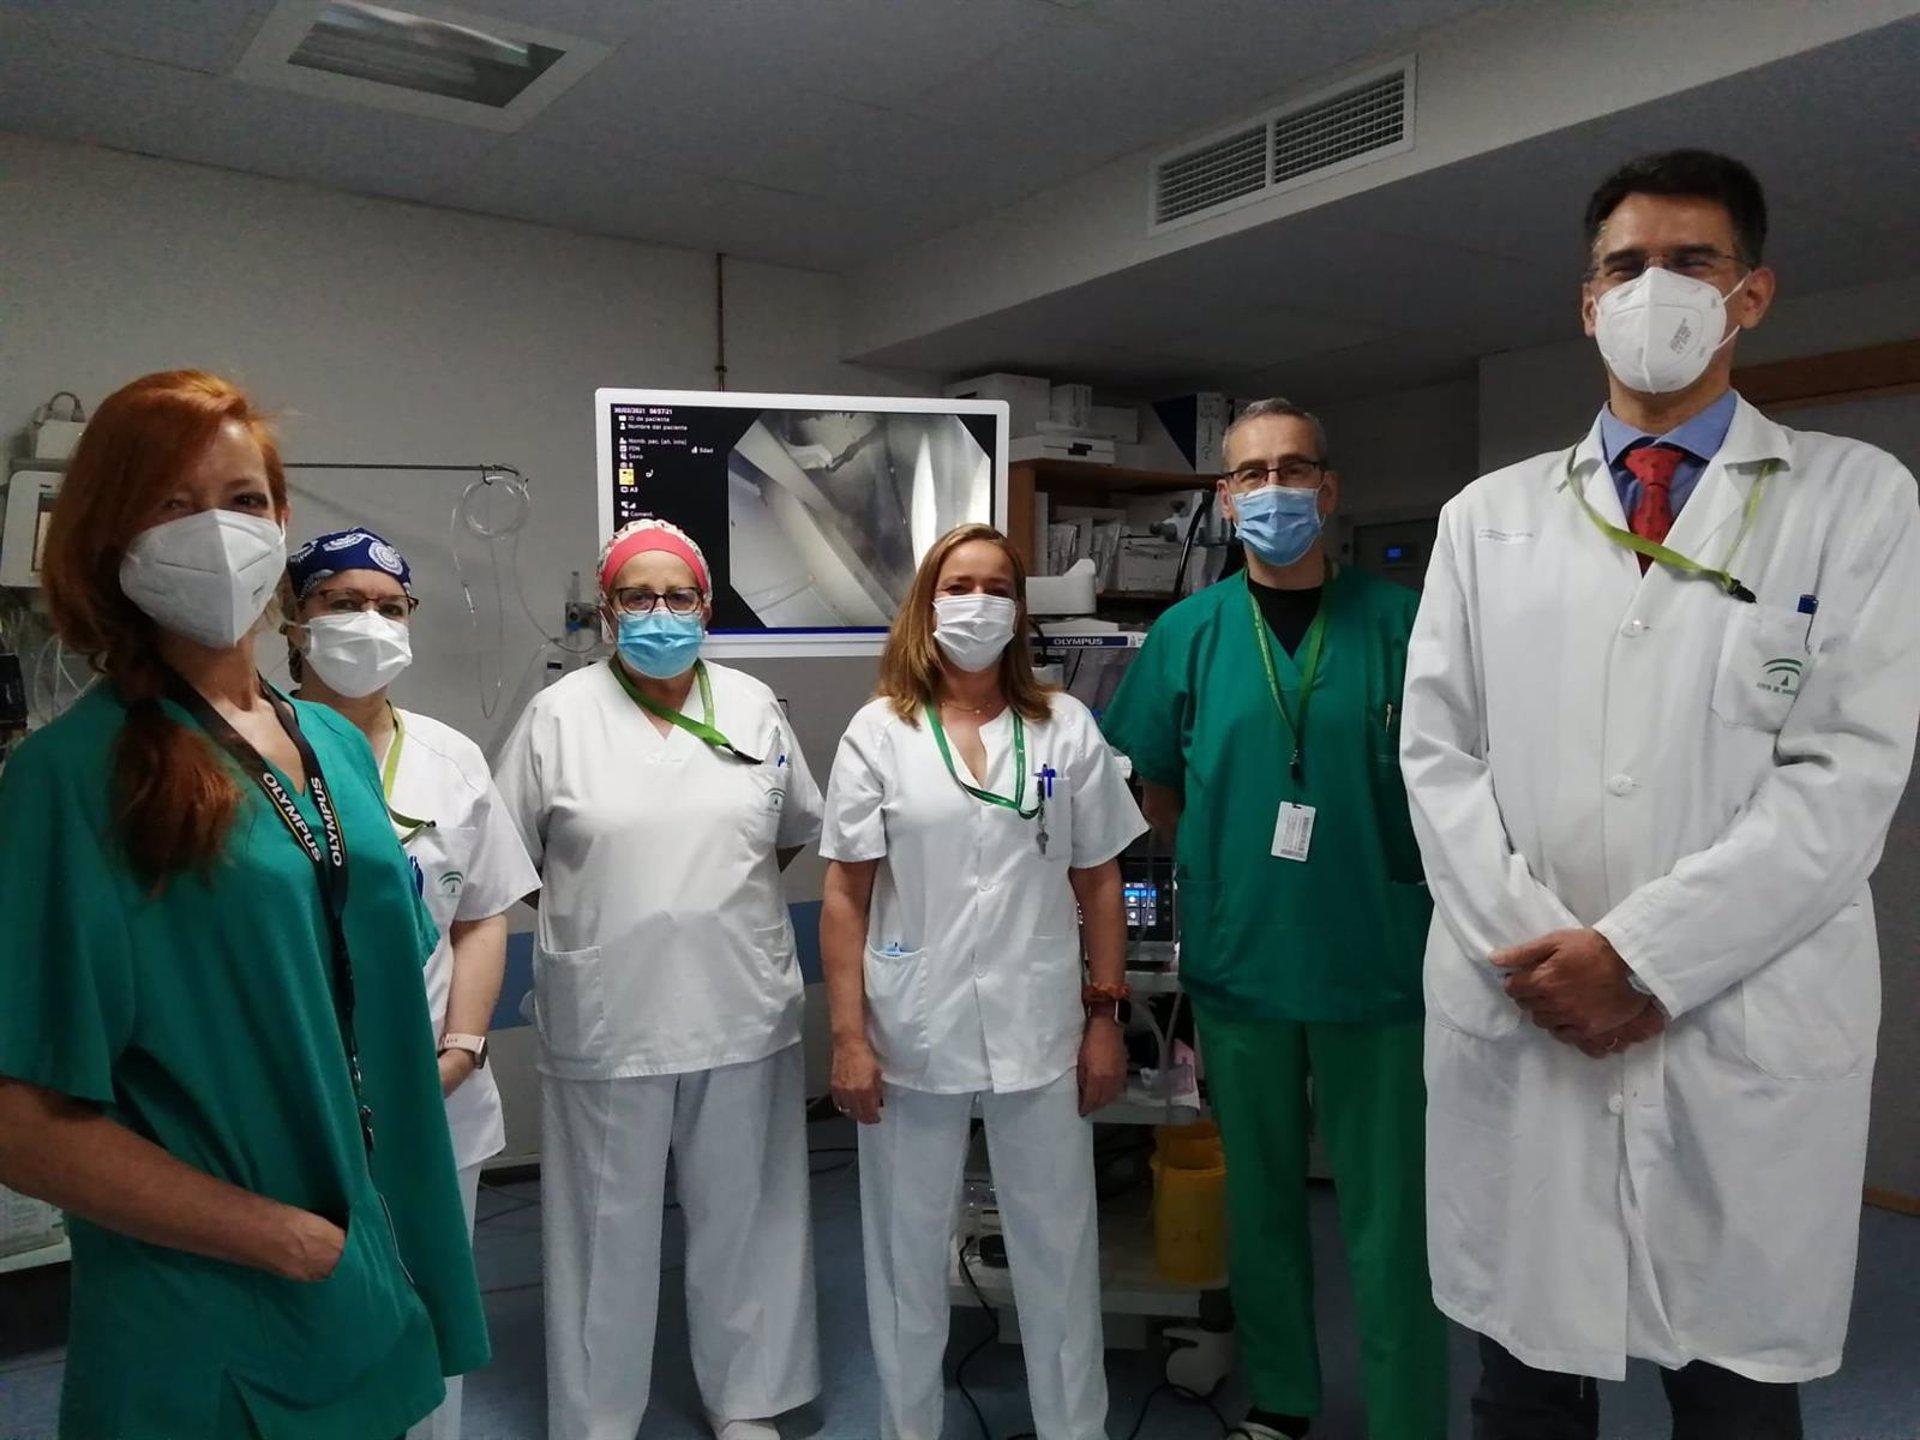 El Hospital Virgen de las Nieves hizo 9.000 colonoscopias en el año de la pandemia